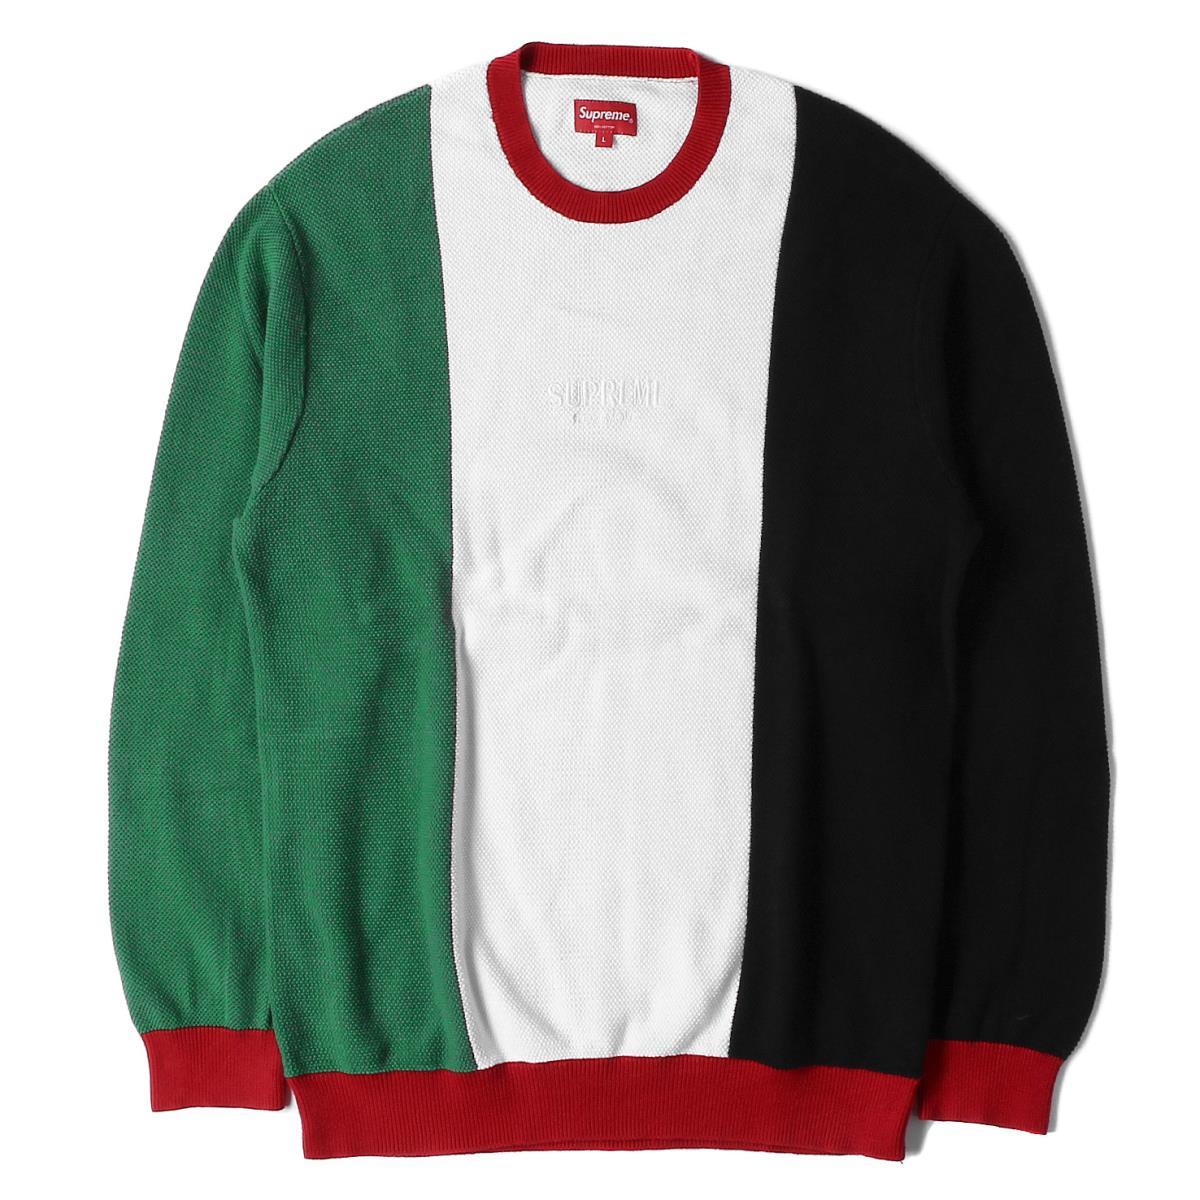 Supreme シュプリーム スウェット 18AW イタリアンカラー ピケ クルーネック スウェット Pique Crewneck ホワイト L 【メンズ】【美品】【中古】【K2558】